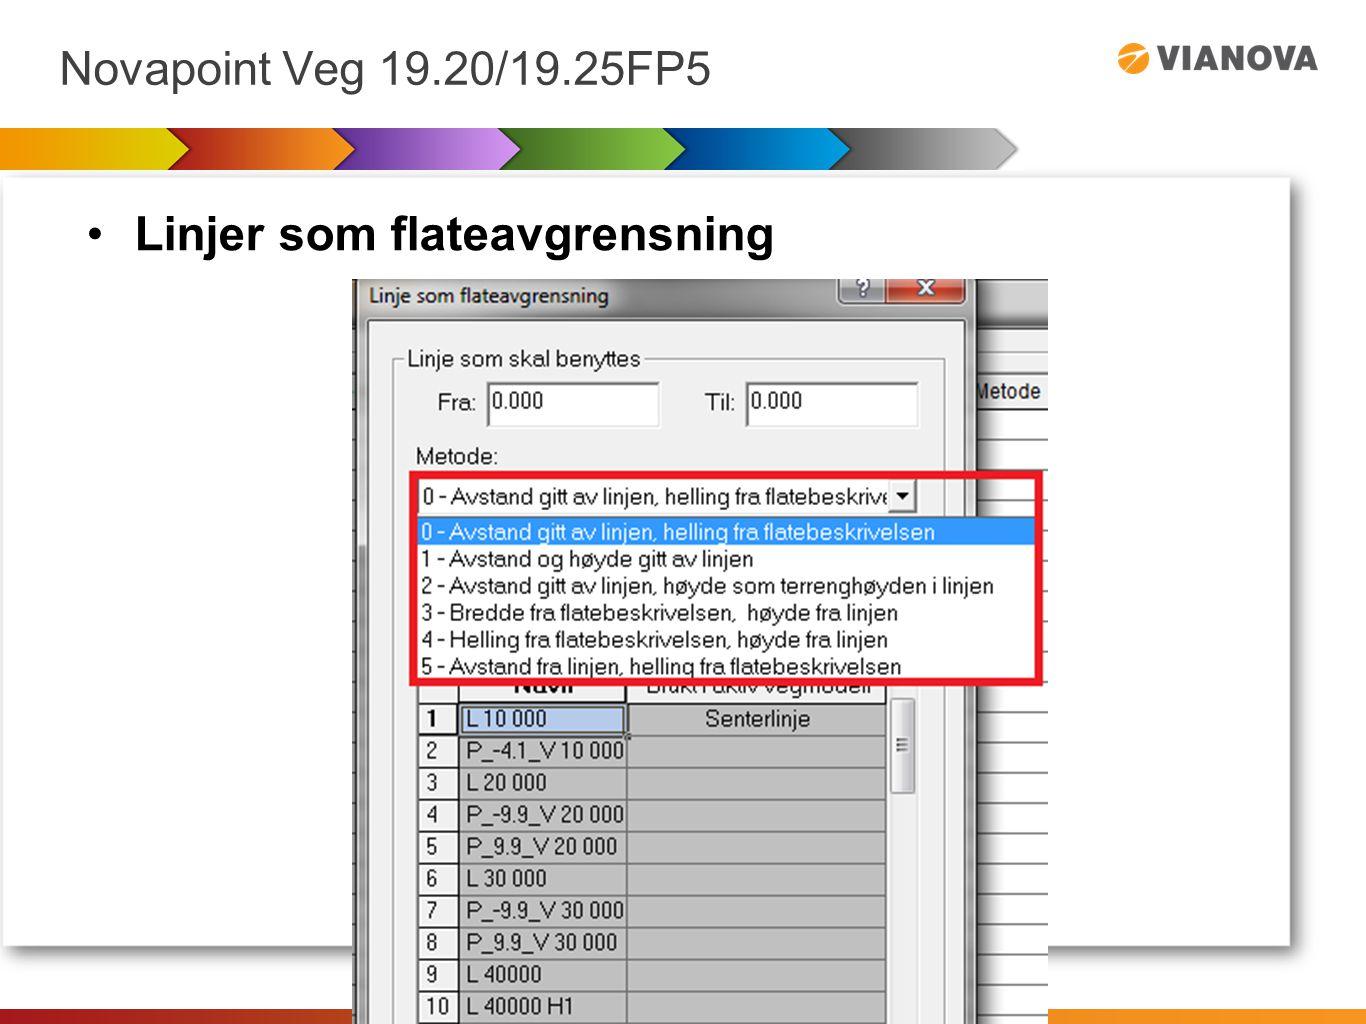 Novapoint Veg 19.20/19.25FP5 Leveranse i henhold til V770